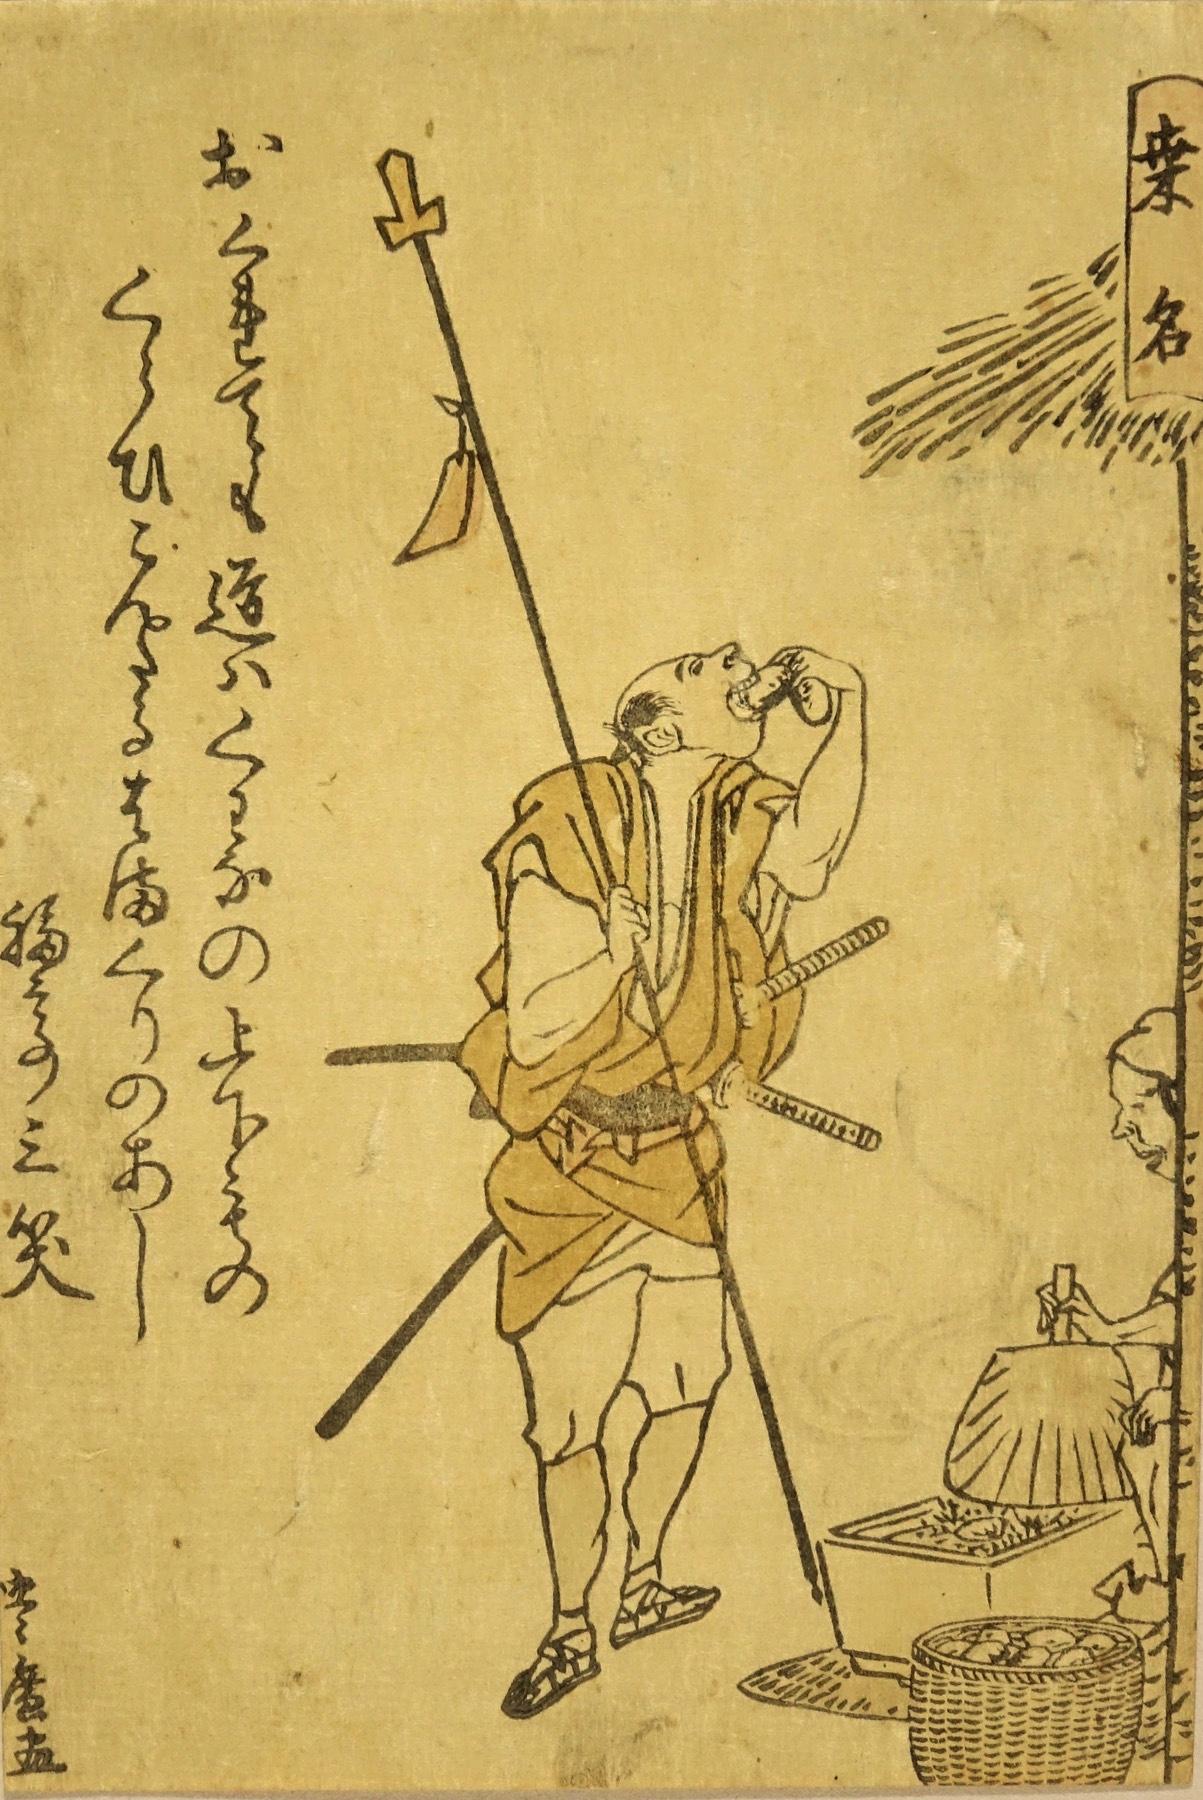 TOYOHIRO Kuwana, from an untitled Tokaido series